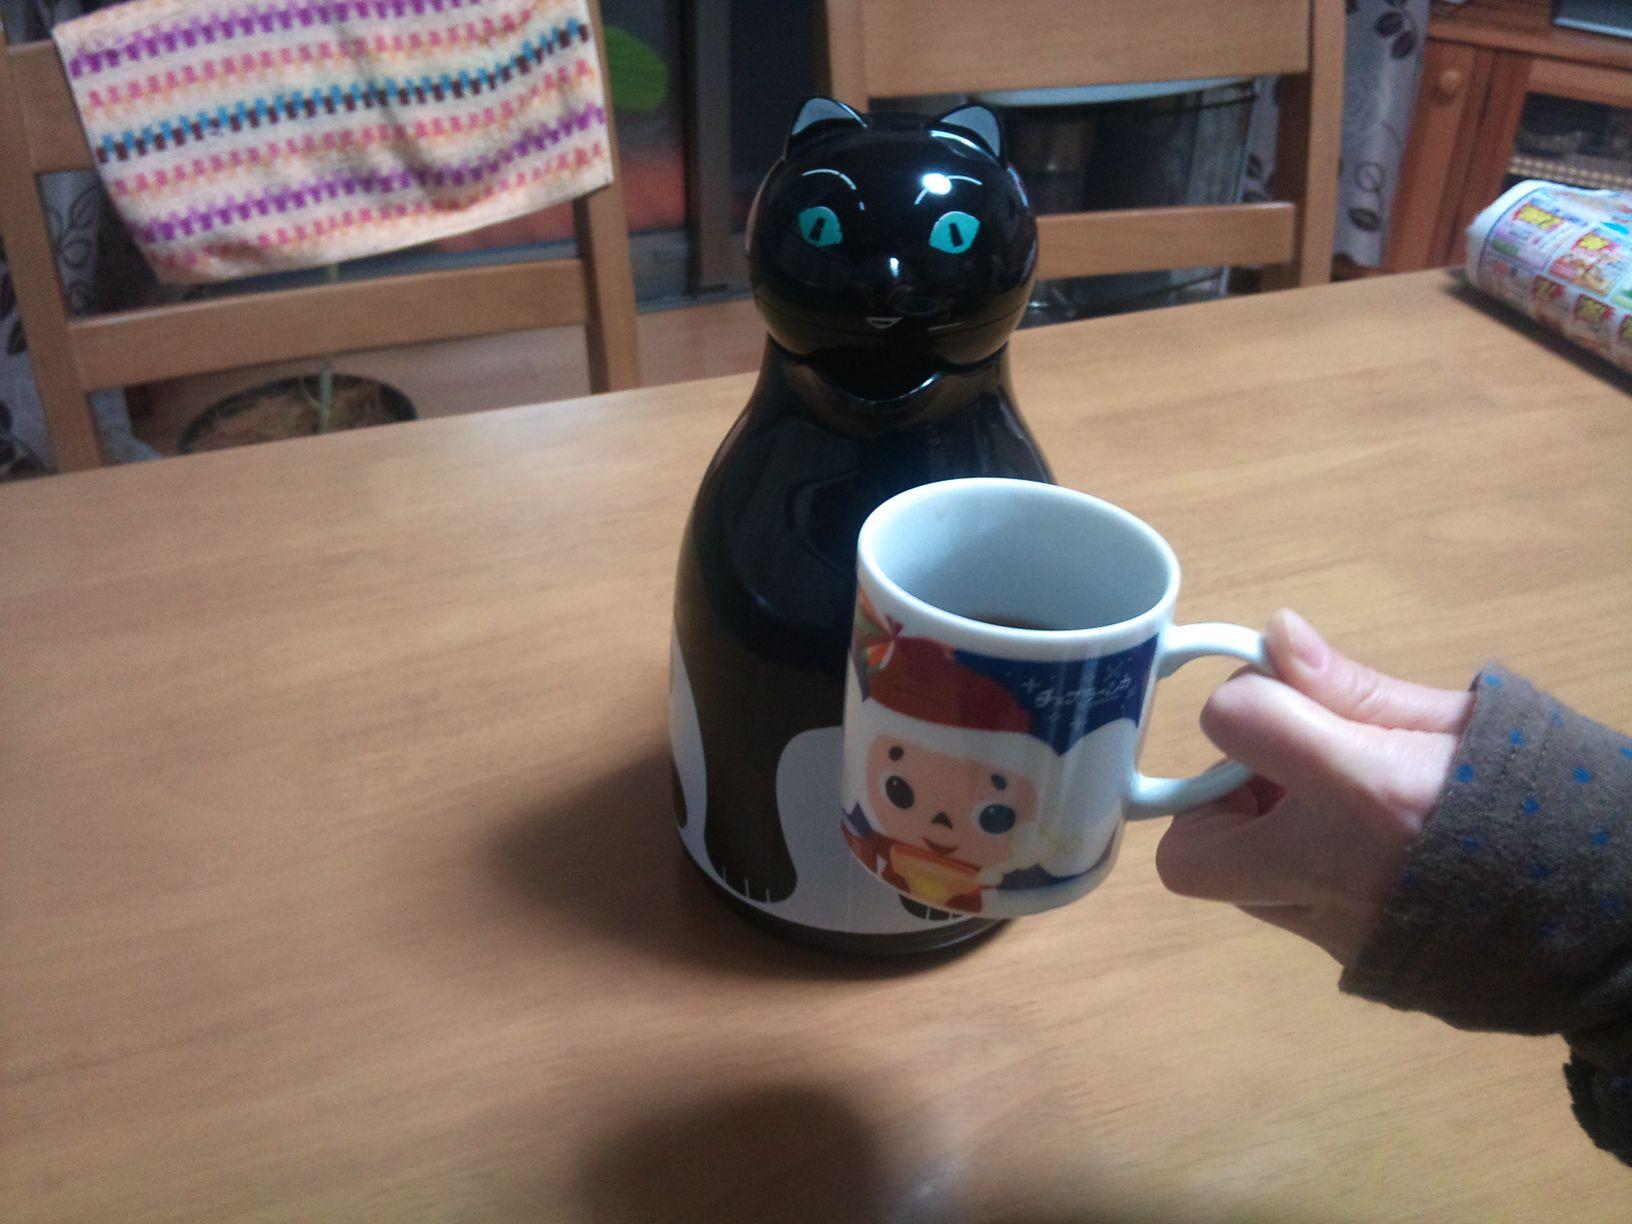 スペシャルティコーヒーの魅力について 通販が多い理由